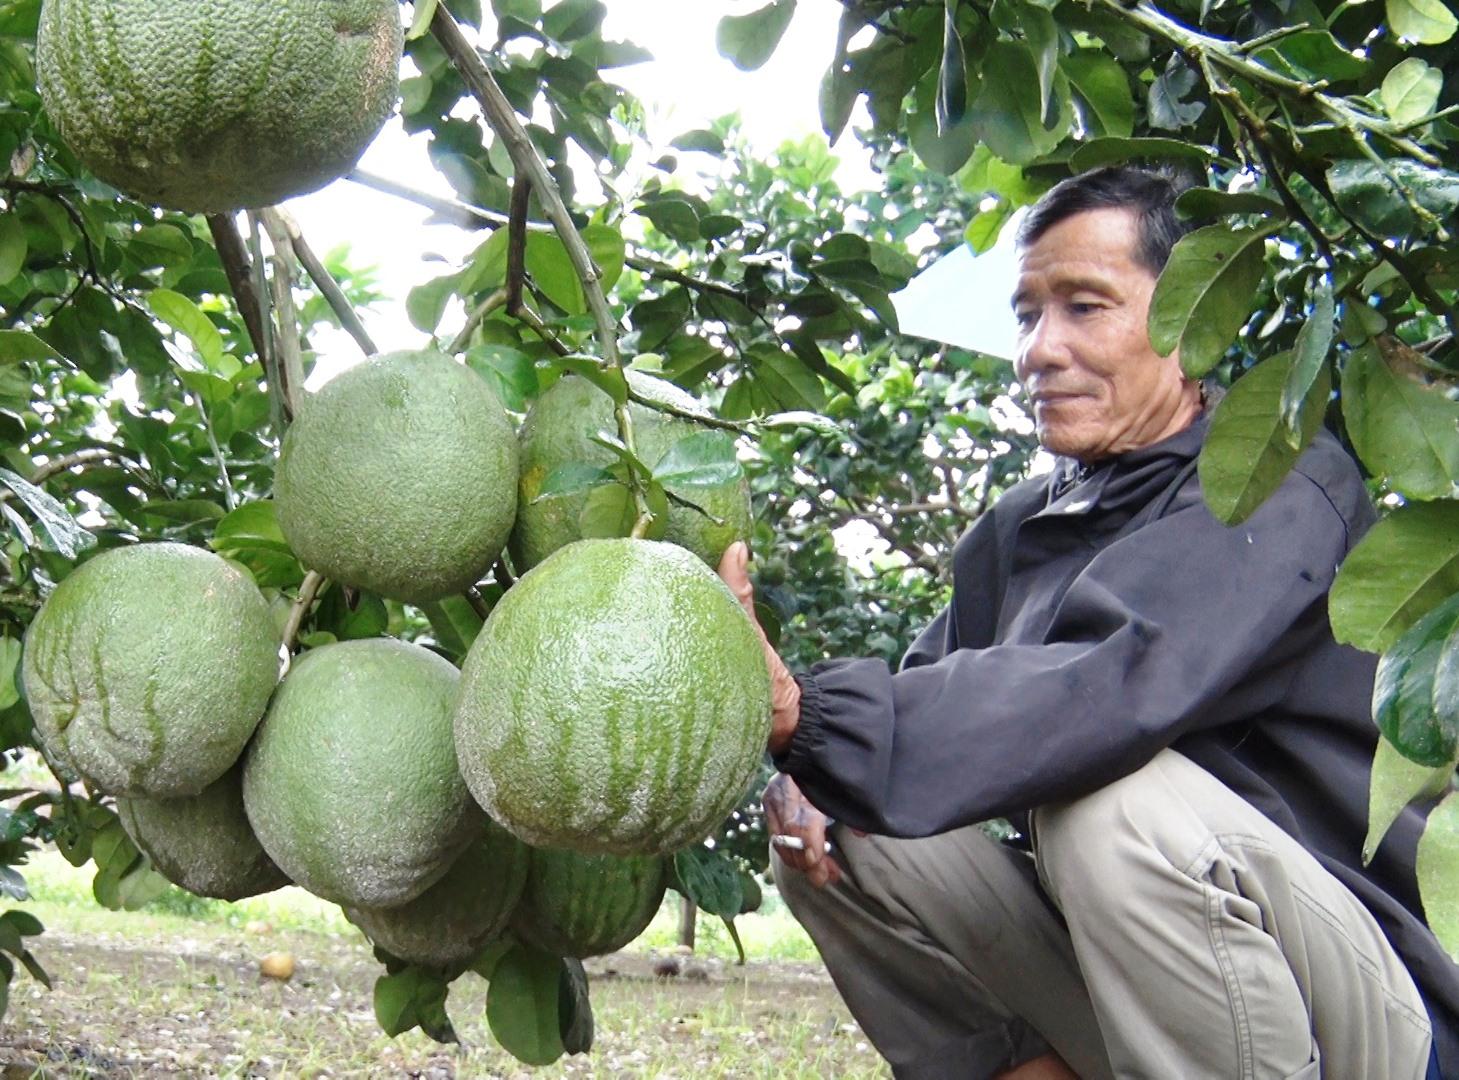 Ông Cao Văn Thành chăm sóc vườn bưởi chuẩn bị cho thị trường tết. Ảnh: SƠN THU